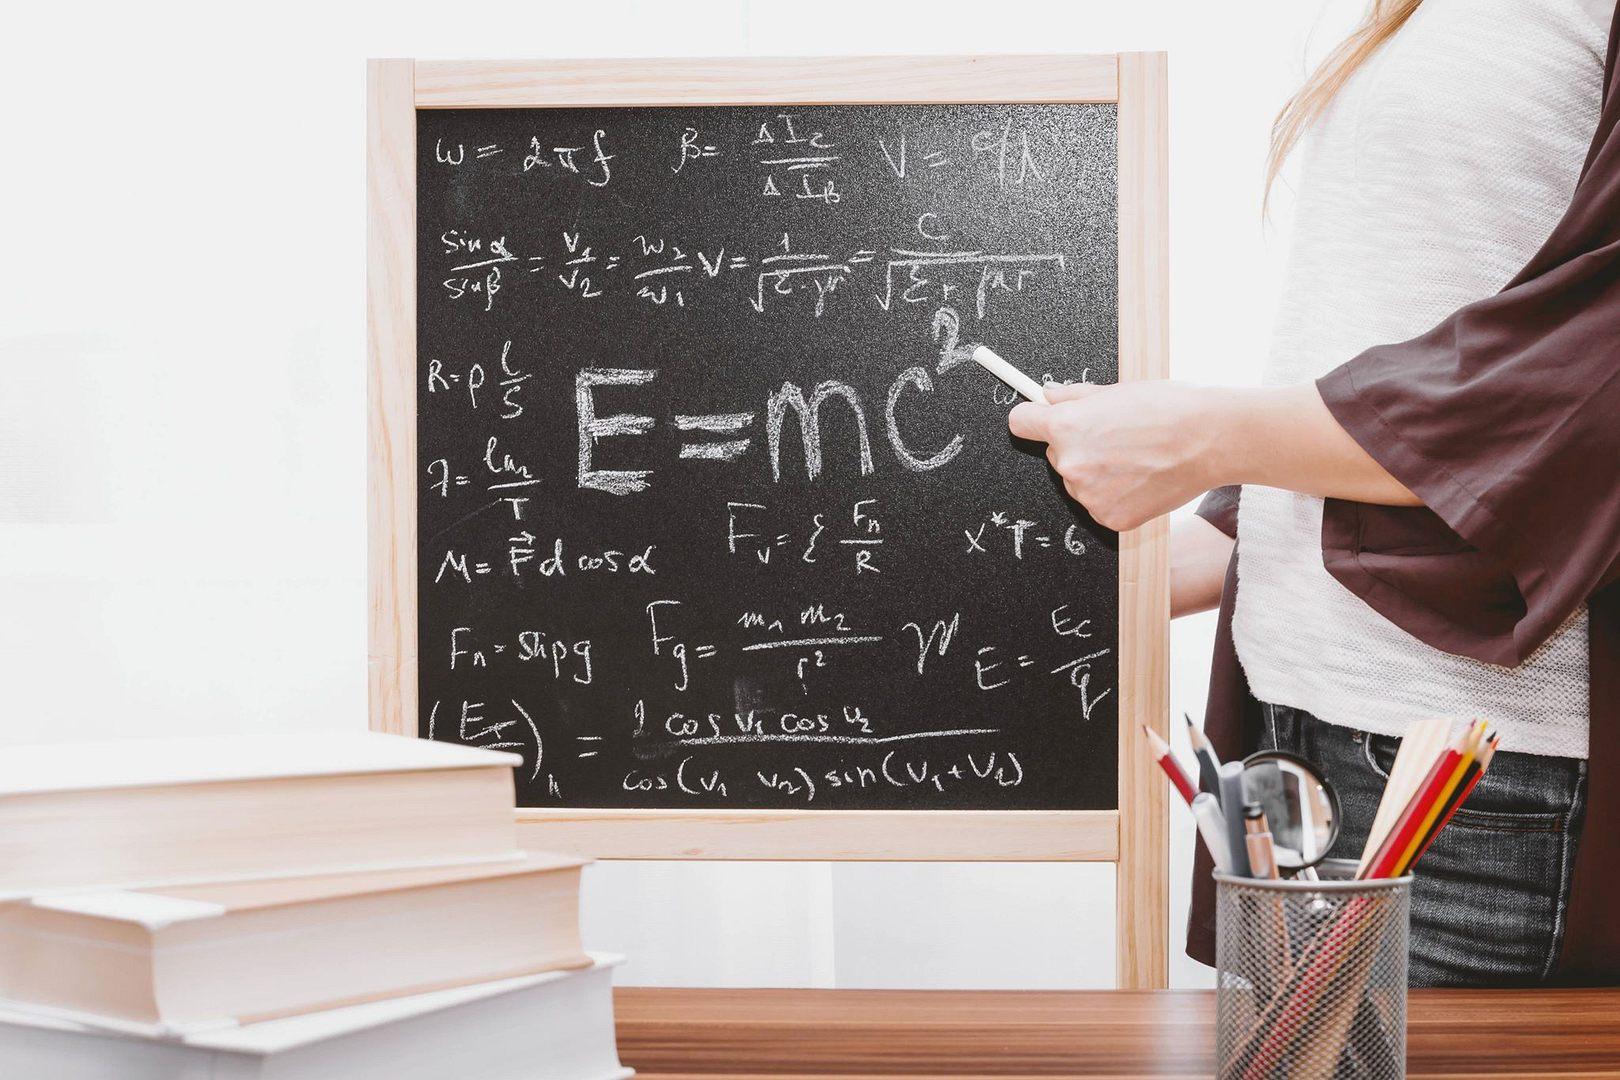 Blisko 1,5 mln zł na podwyżki dla naszych nauczycieli